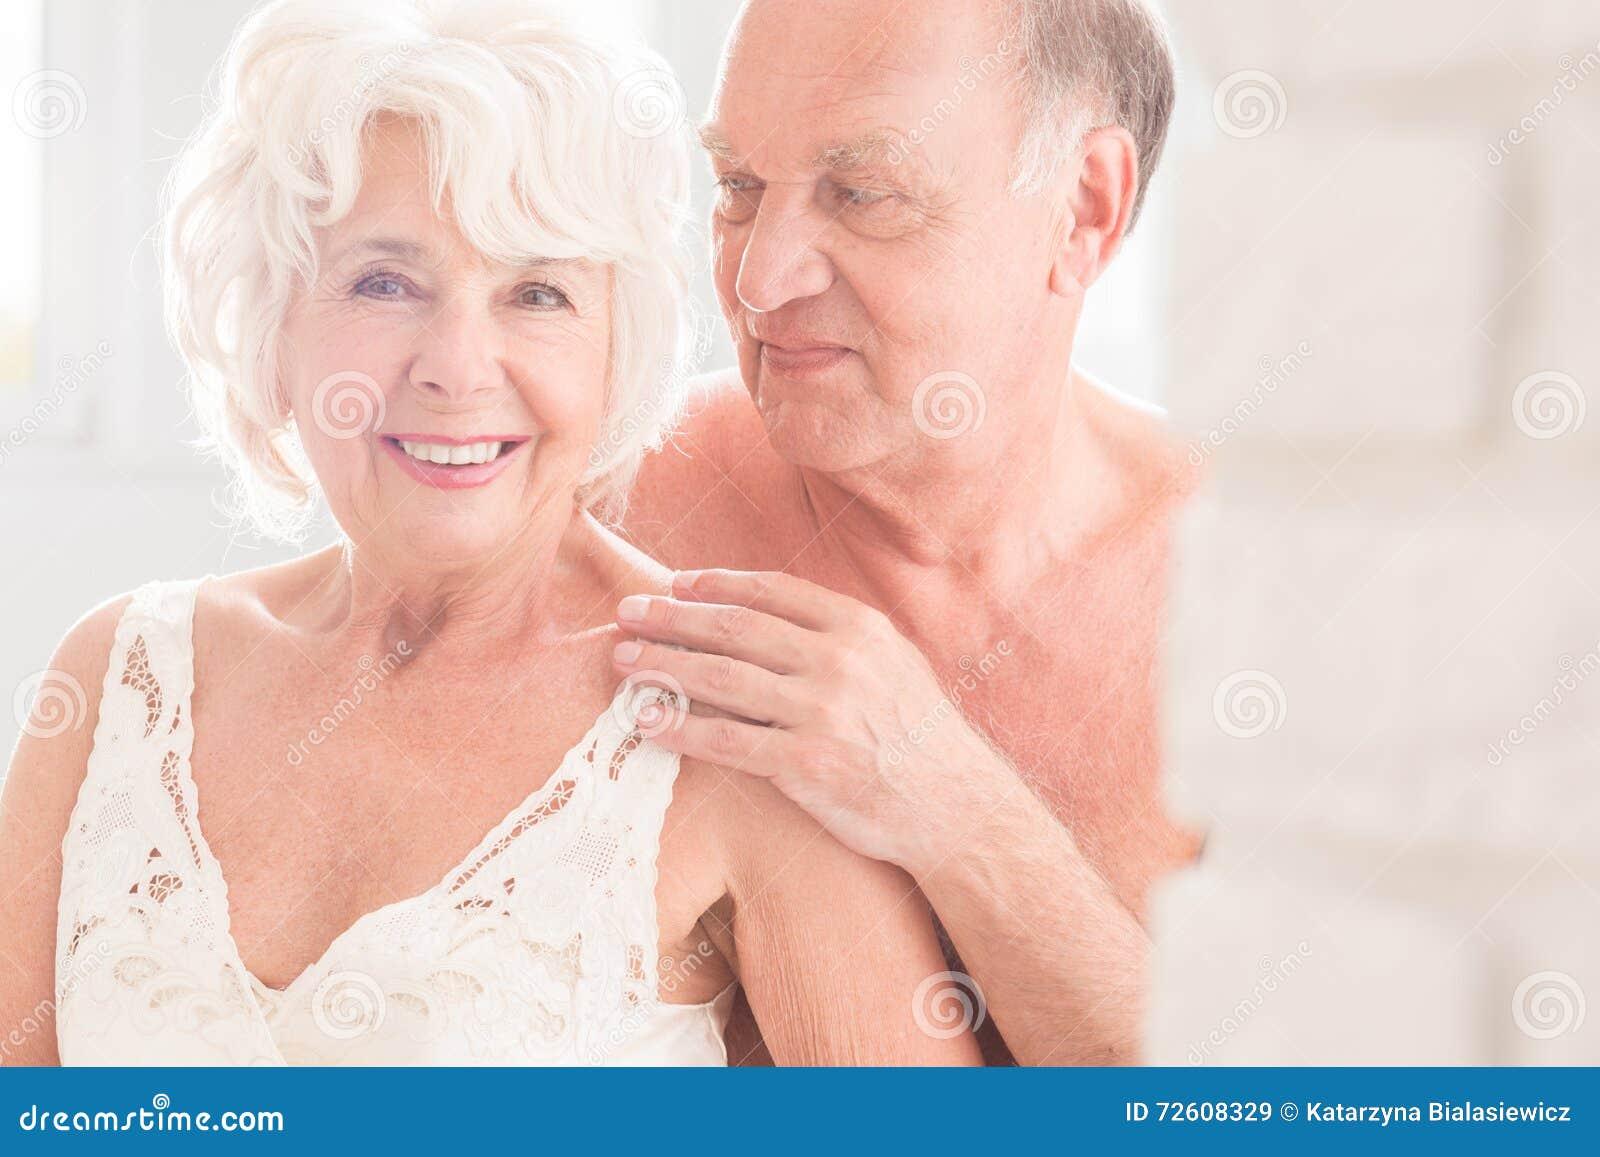 Sex mature Nude Photos 32